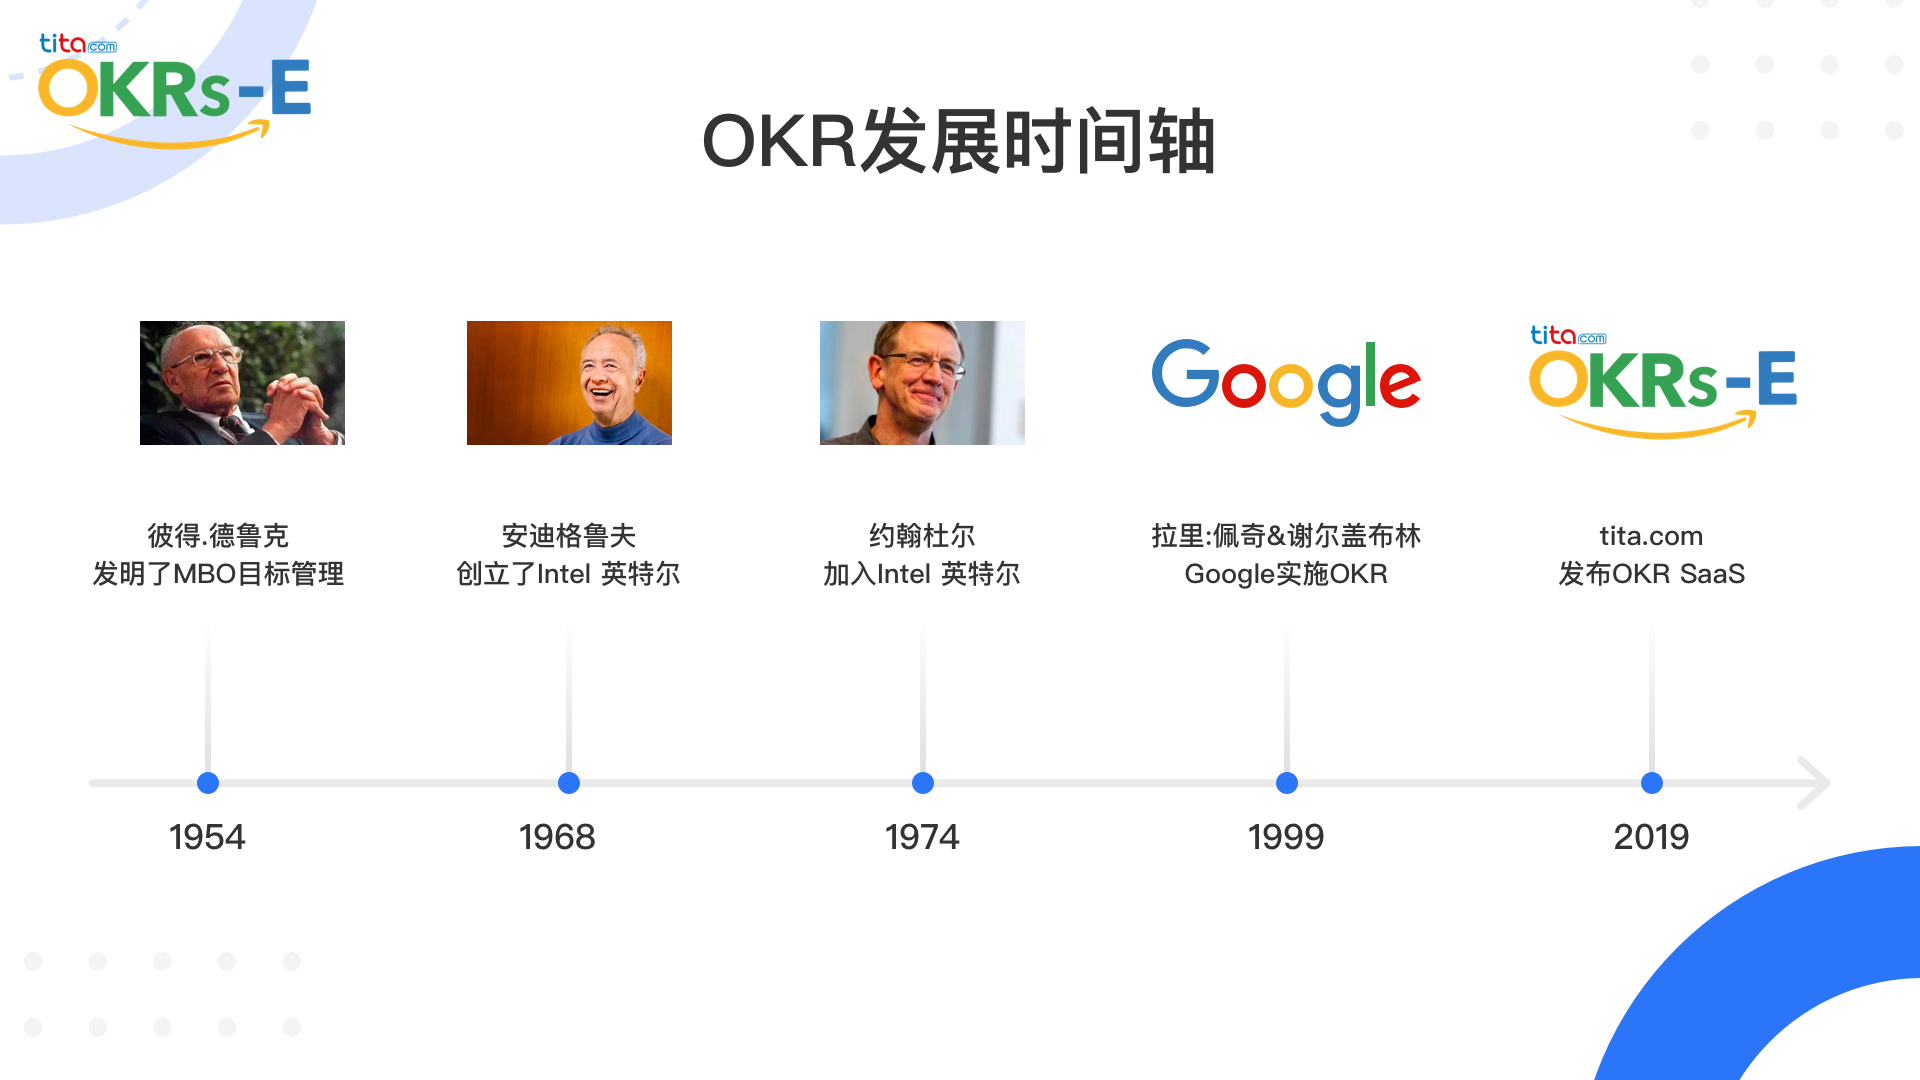 如何在 Tita 上进行 OKR 周期管理